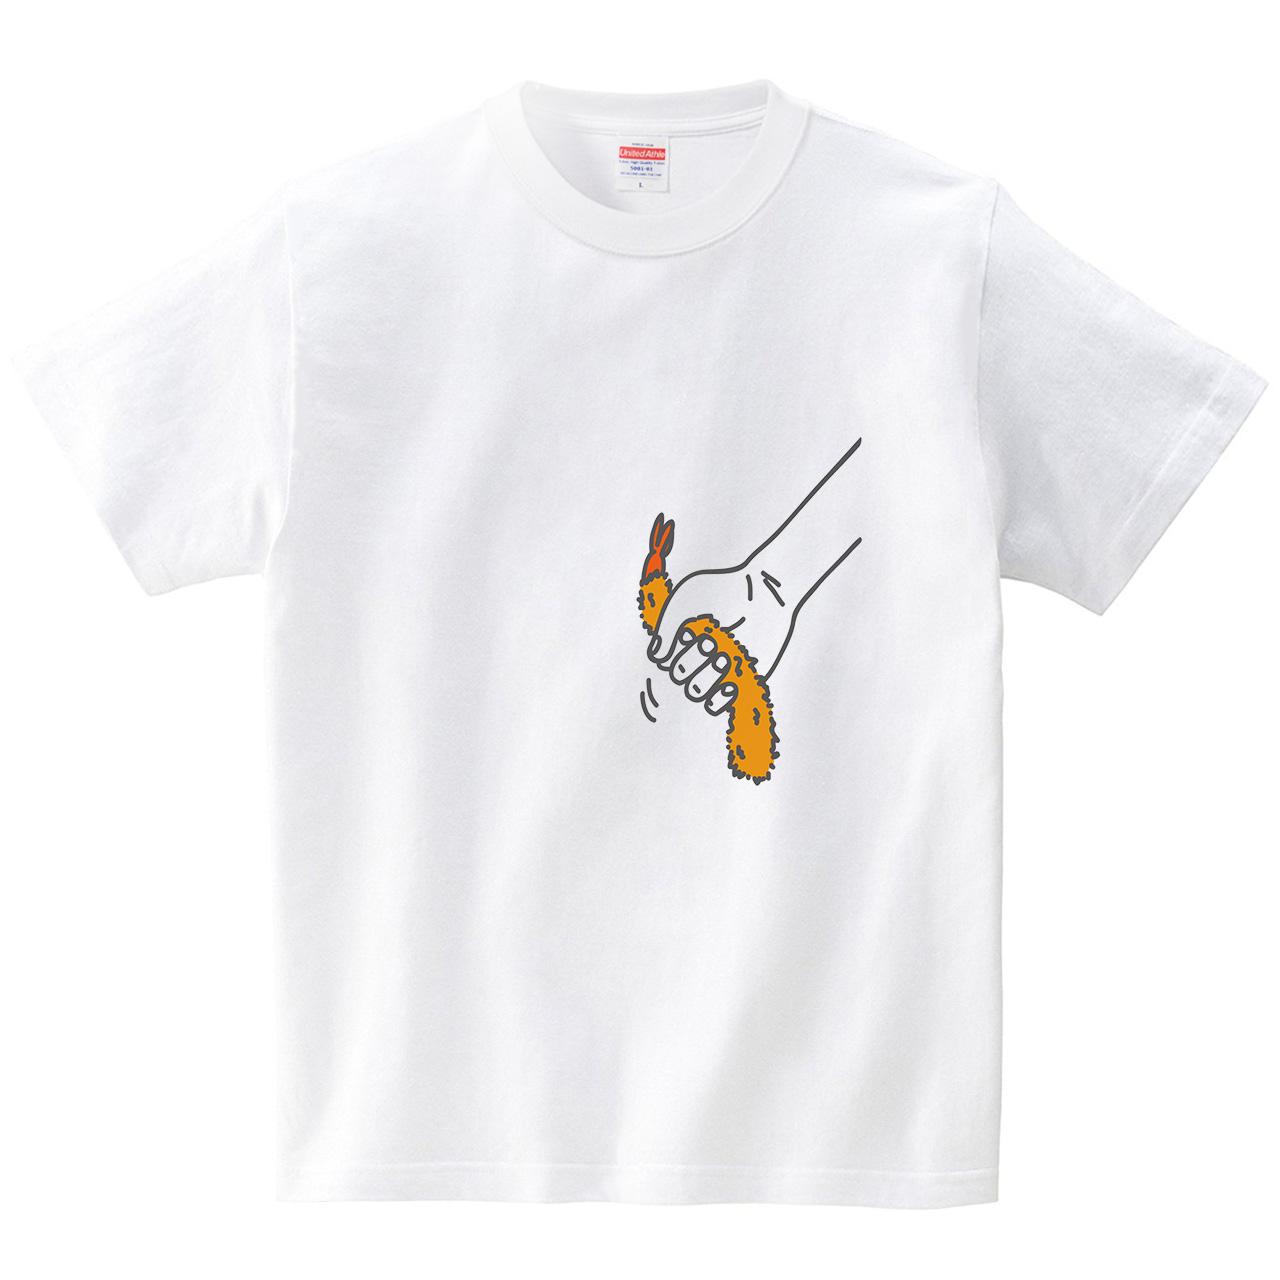 エビフライを握る(Tシャツ・ホワイト)(オワリ)